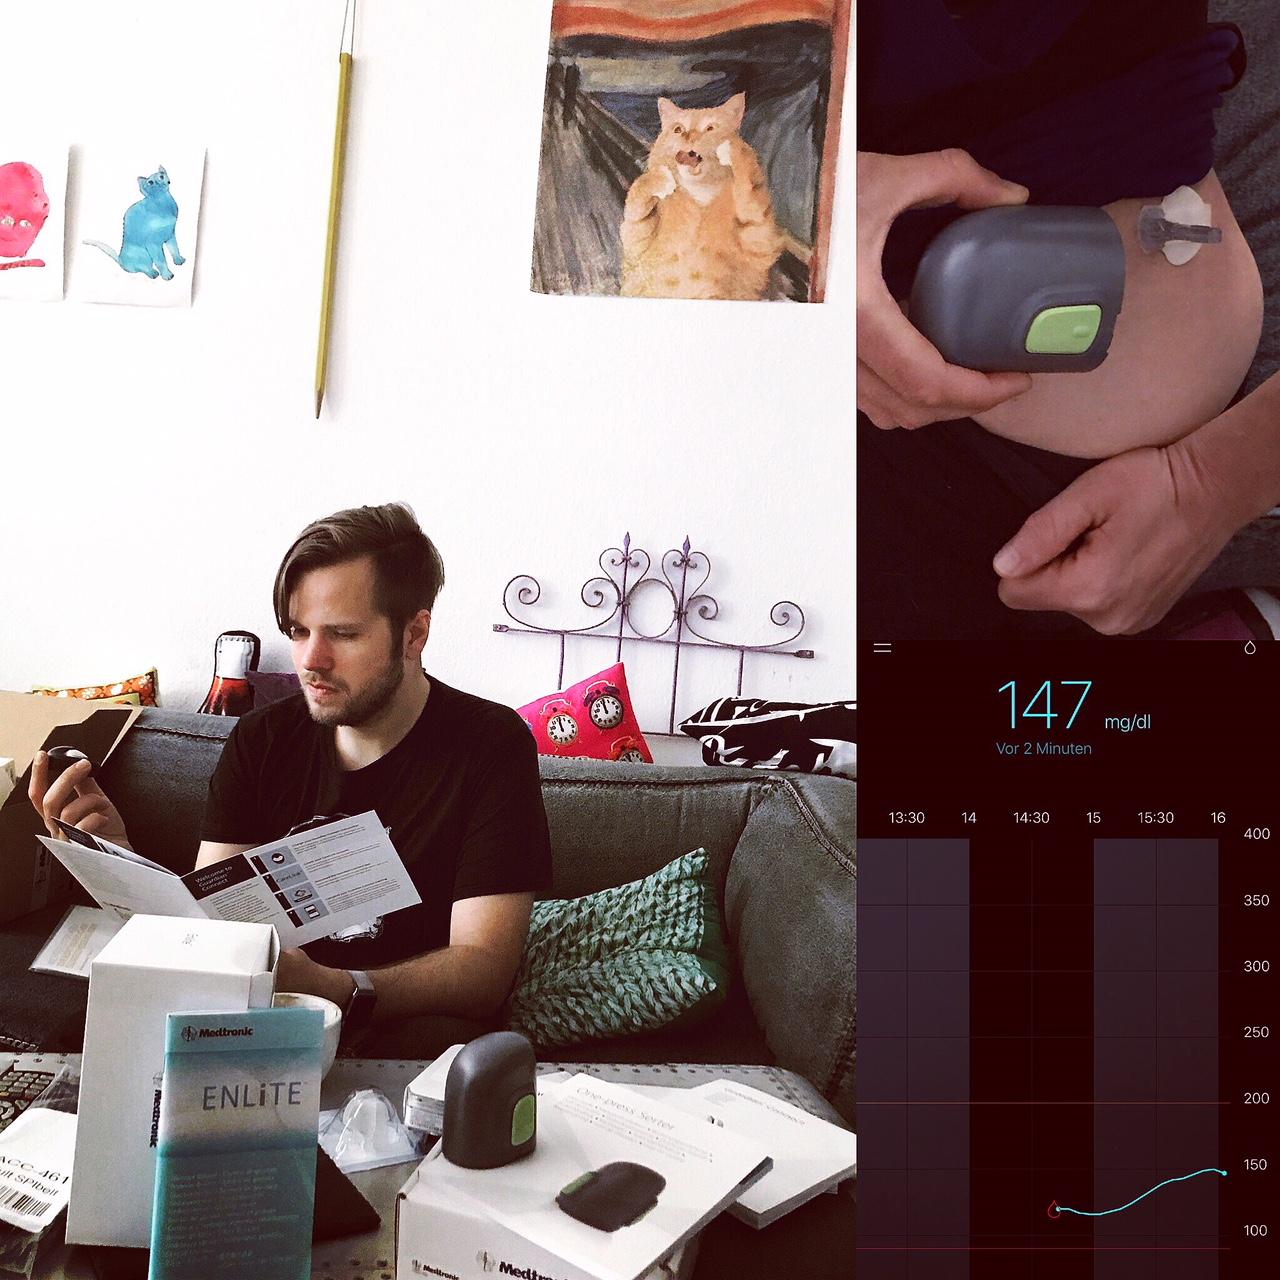 Enlite-Sensor setzen (Guardian Connect)